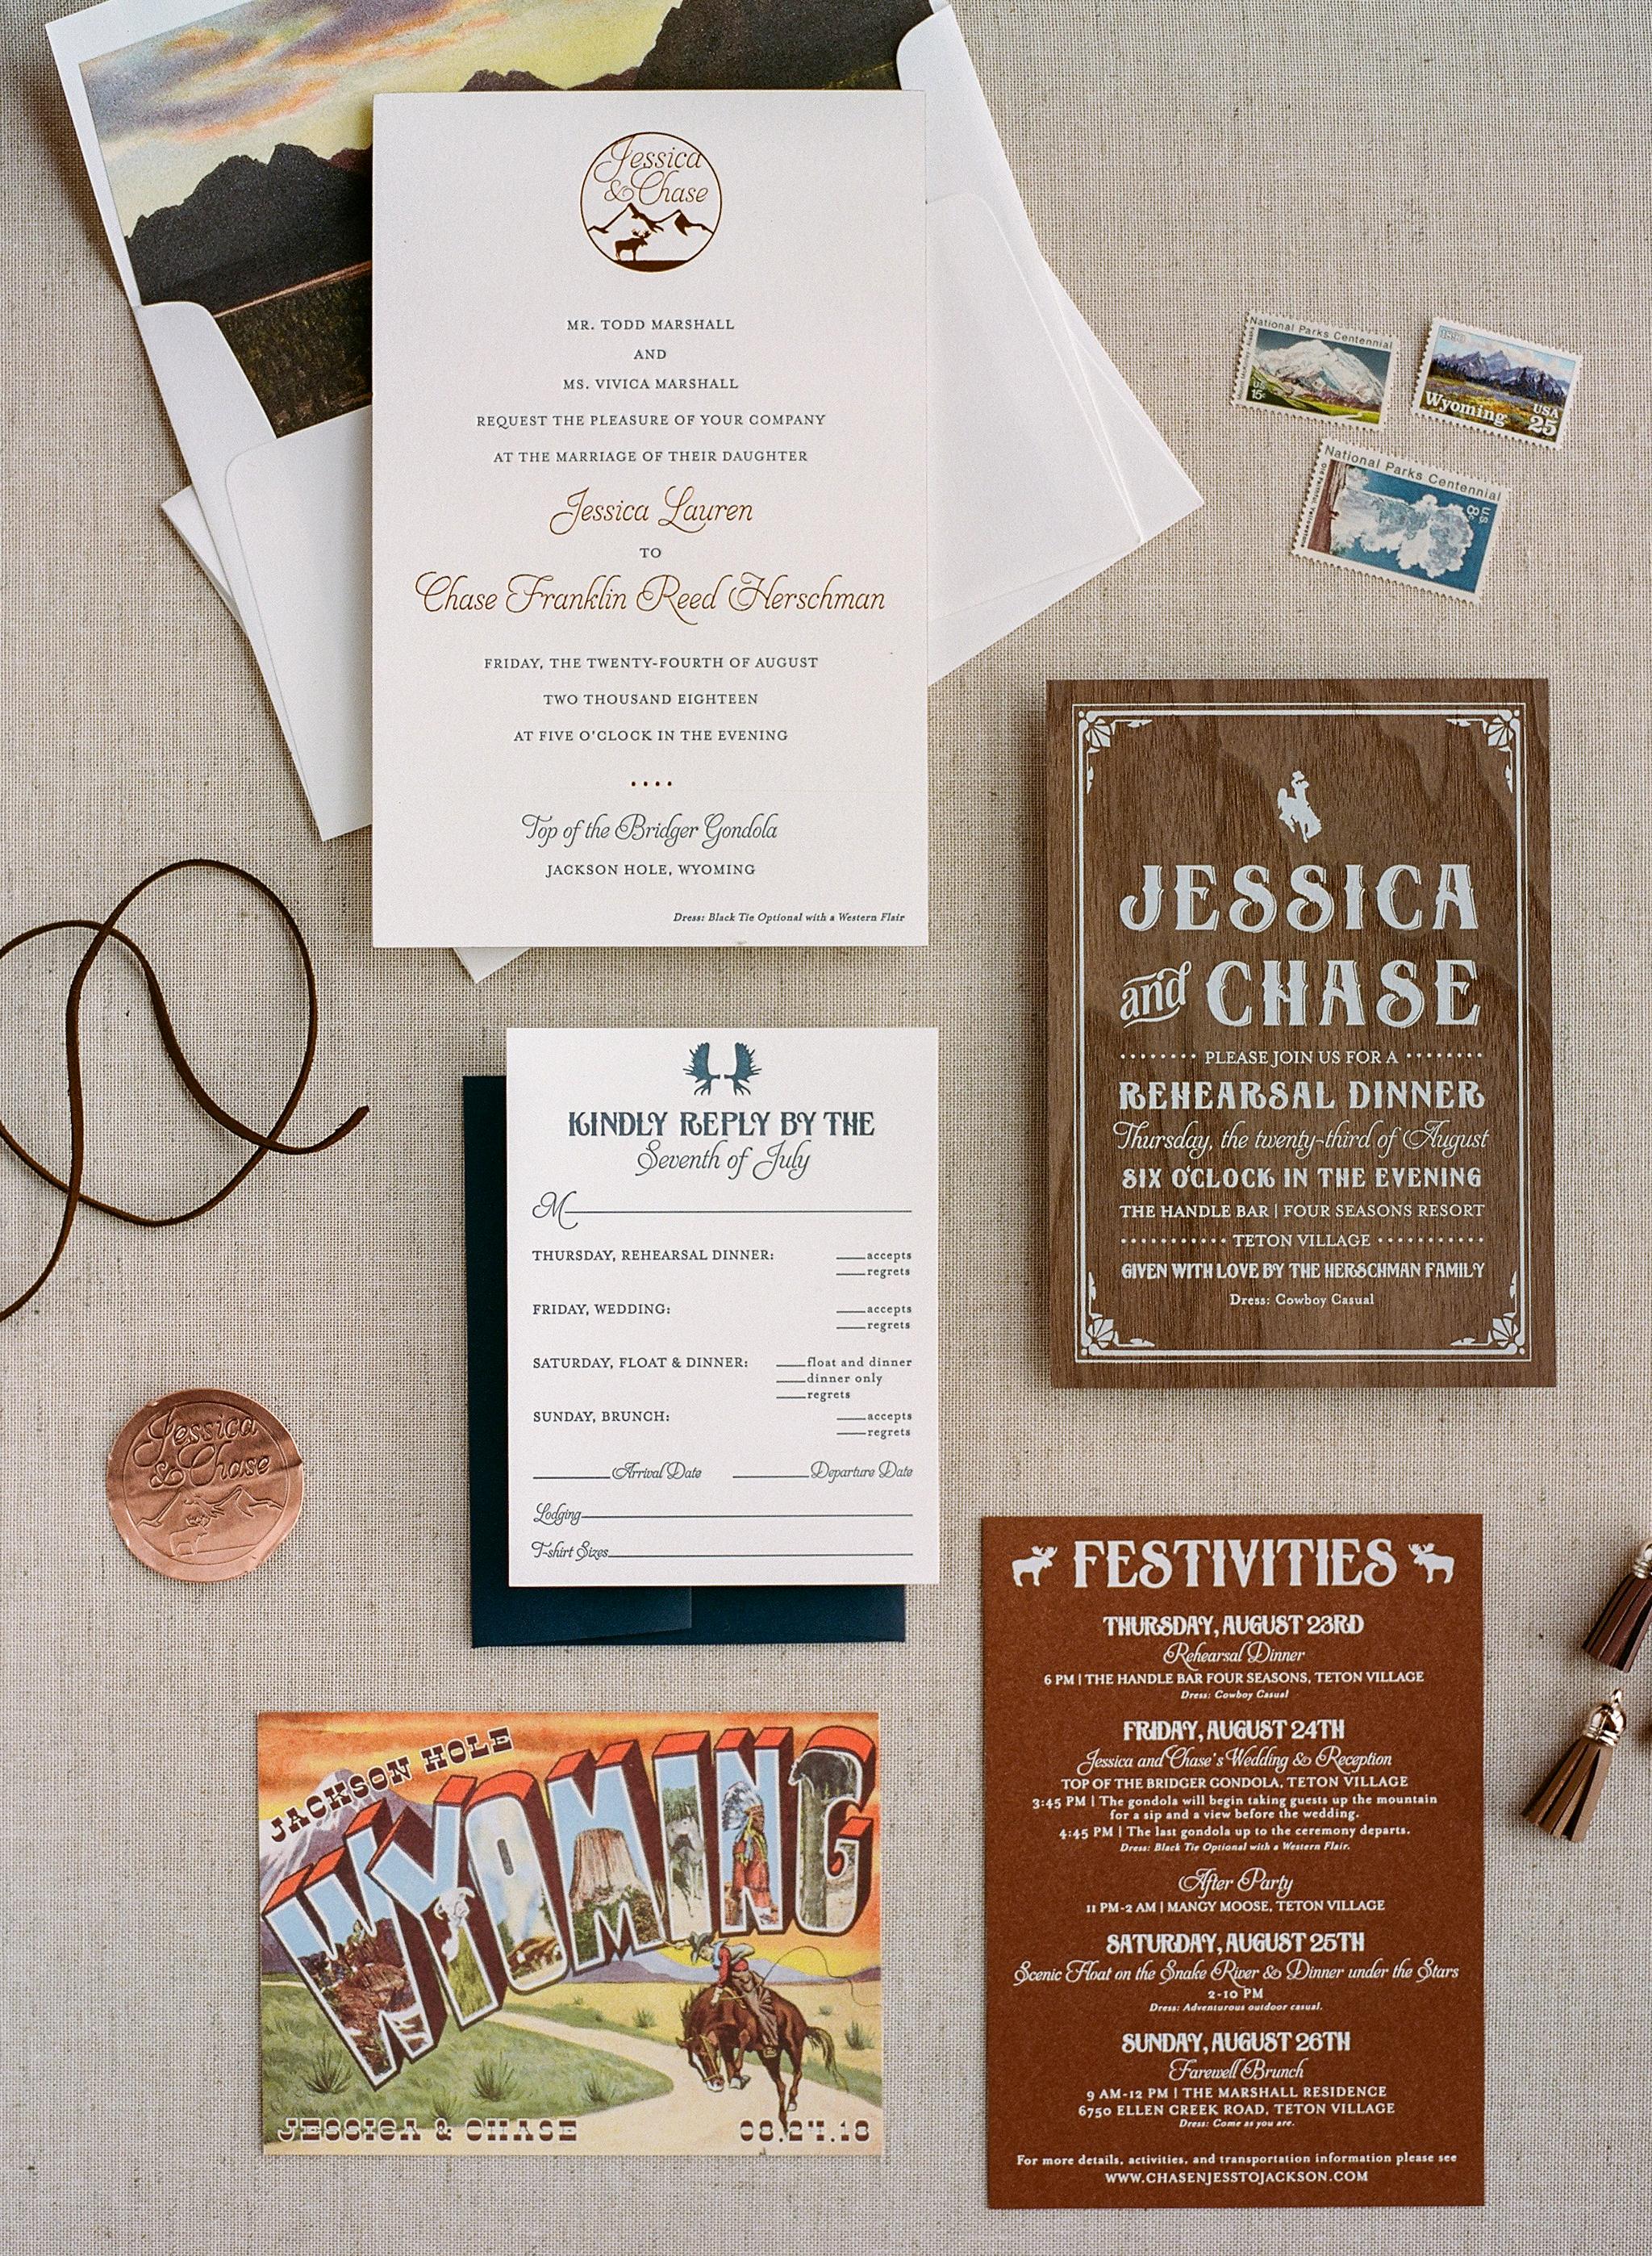 Jessica-Chase-002.jpg